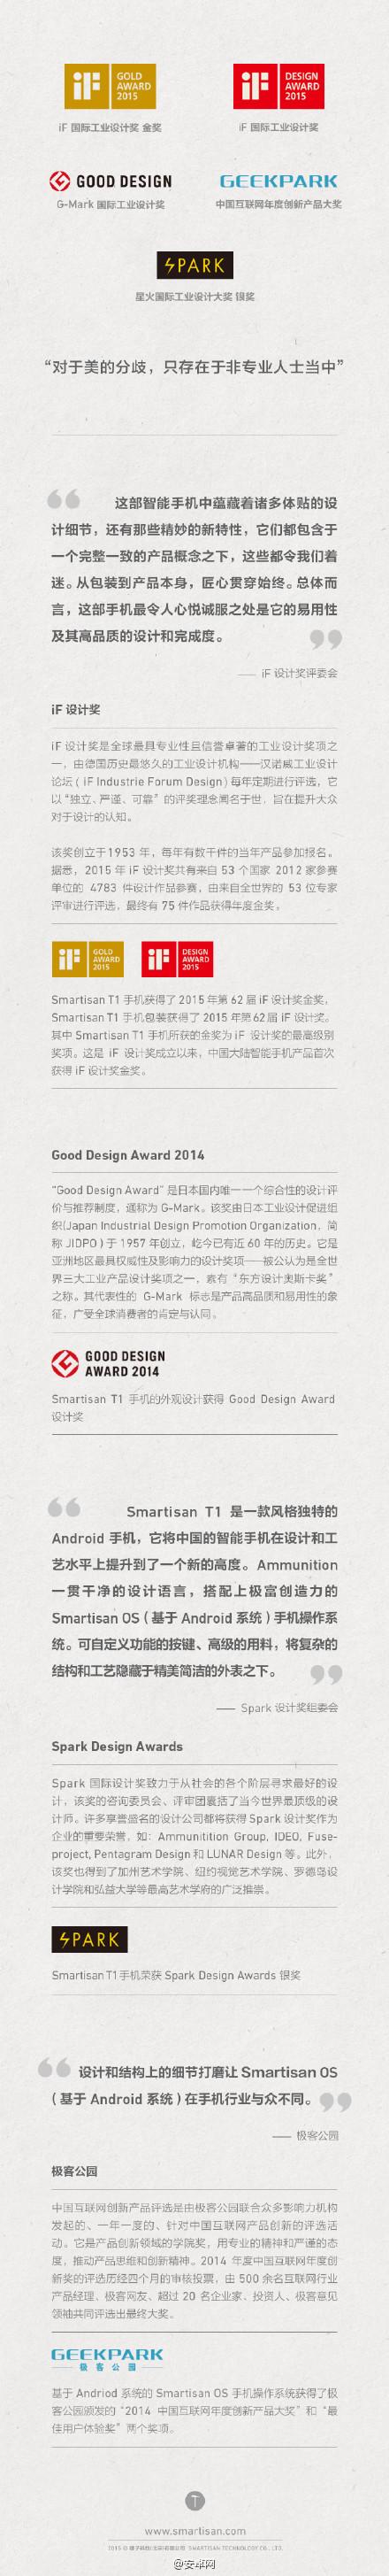 锤子手机获iF国际设计奖金奖